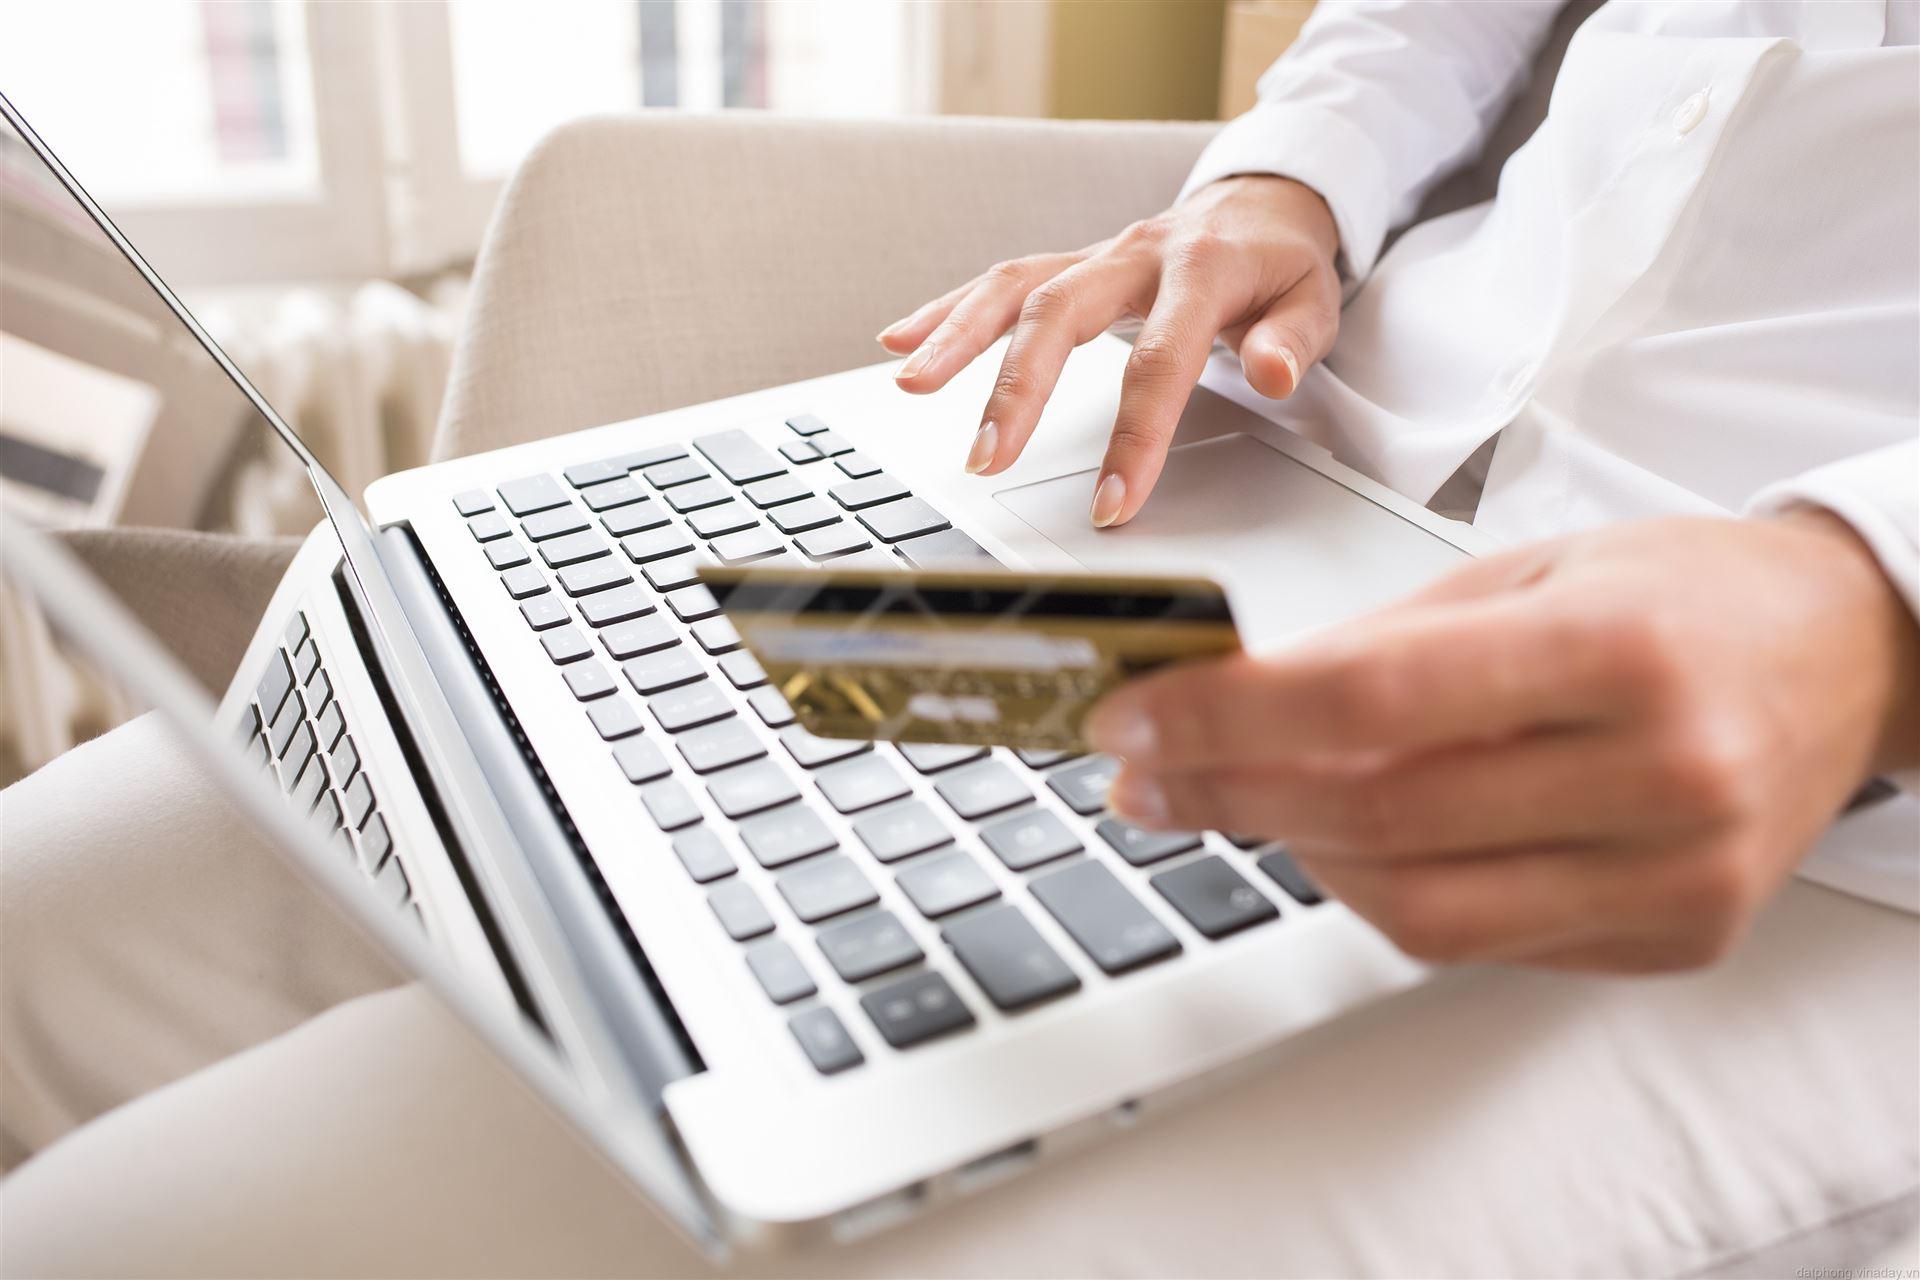 На фото: Всё, что вы хотели знать об онлайн-займе (кредите), автор: admin